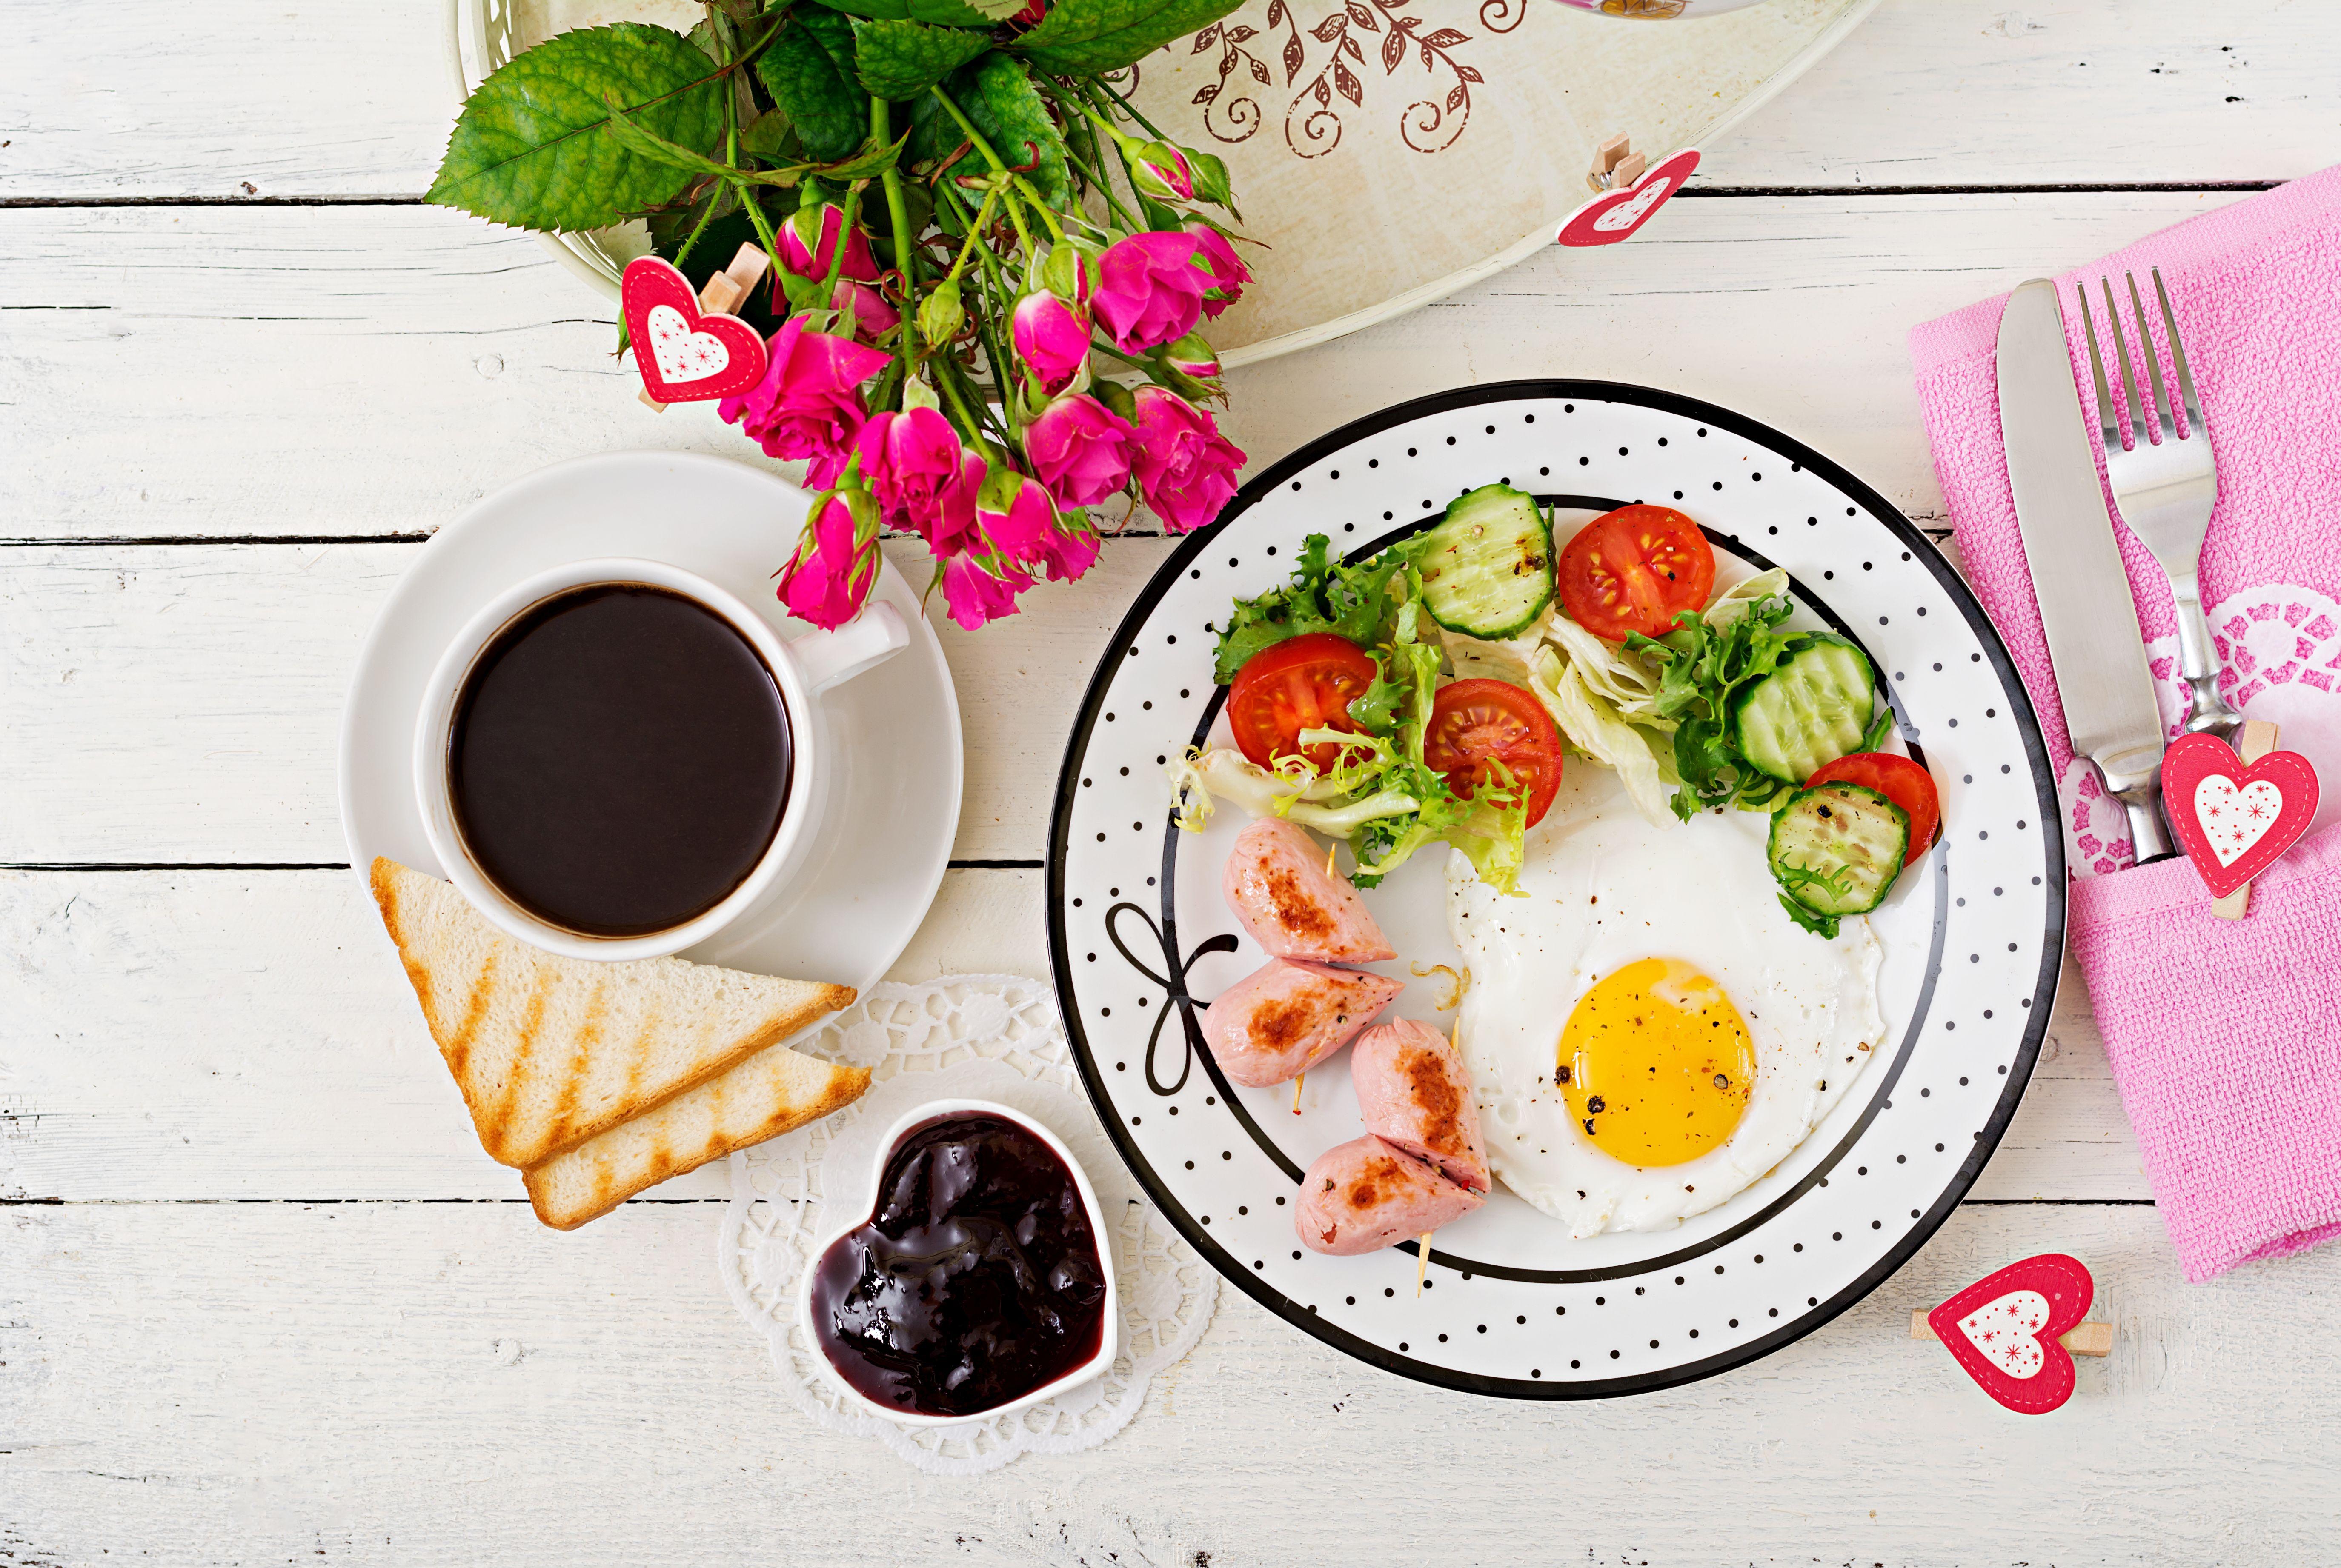 Przygotuj śniadanie z sercem – sprawdź prosty przepis na udane walentynki